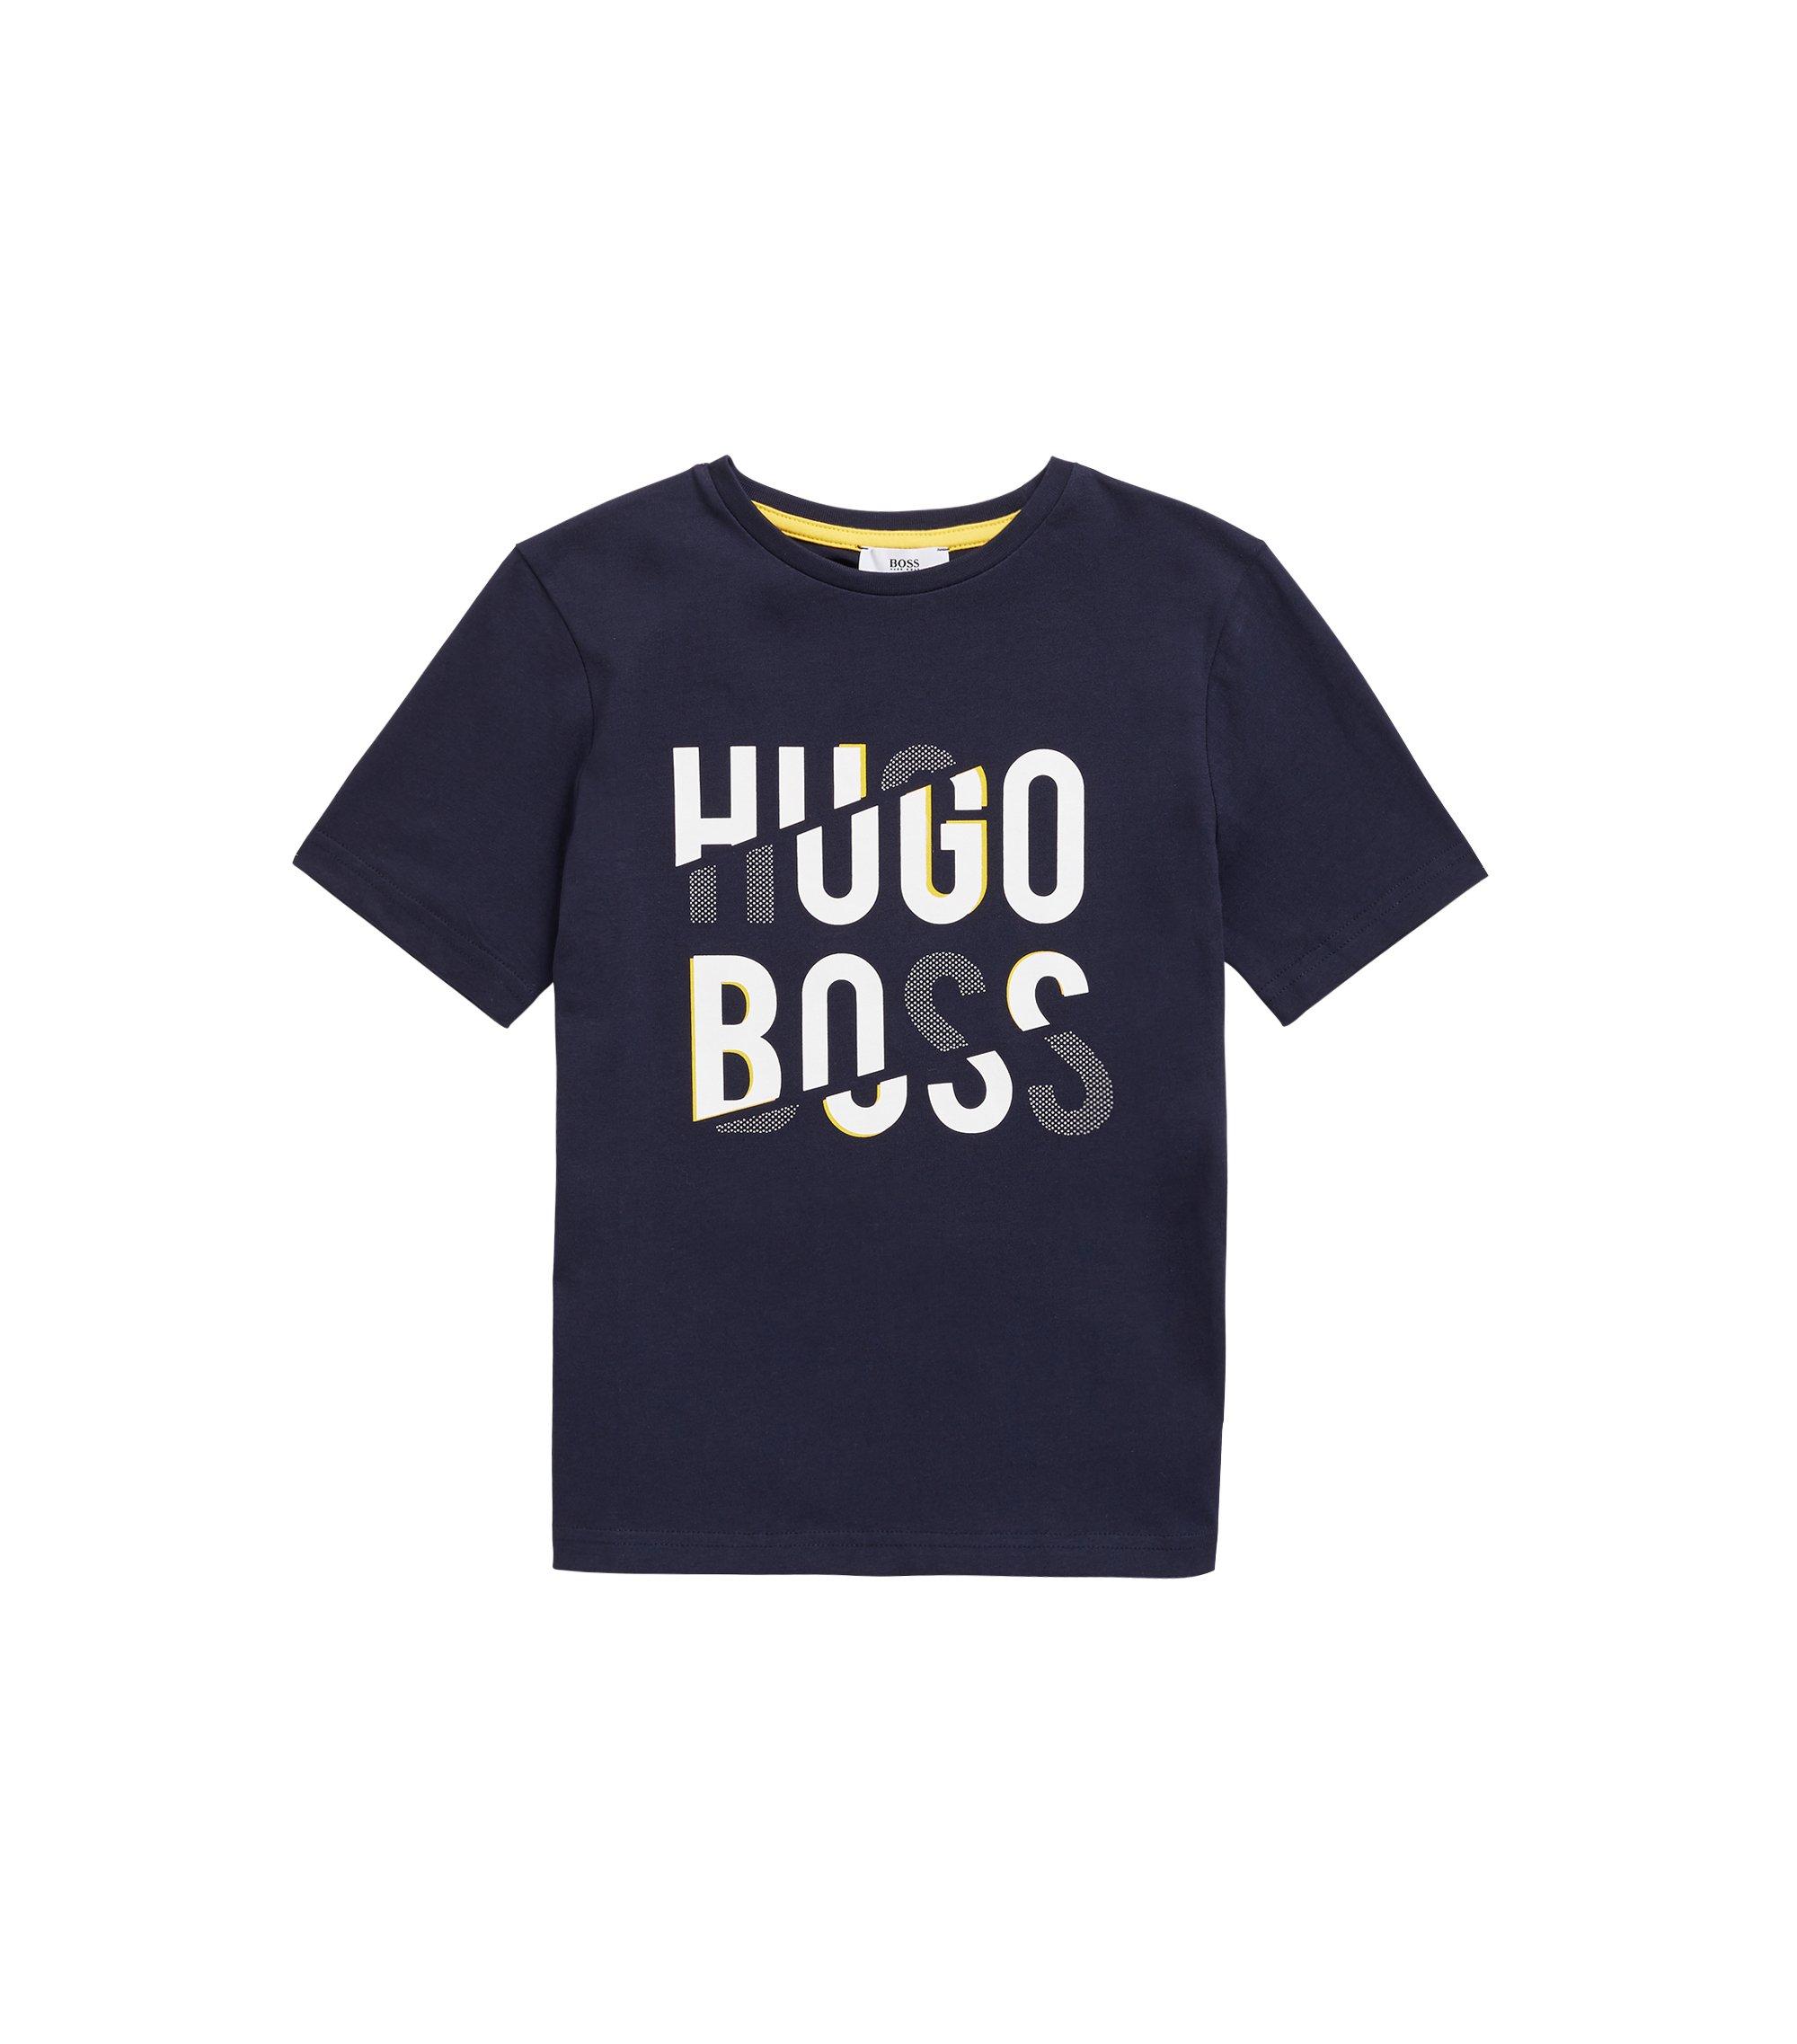 Kinder-T-shirt van katoenen jersey met logoprint, Donkerblauw